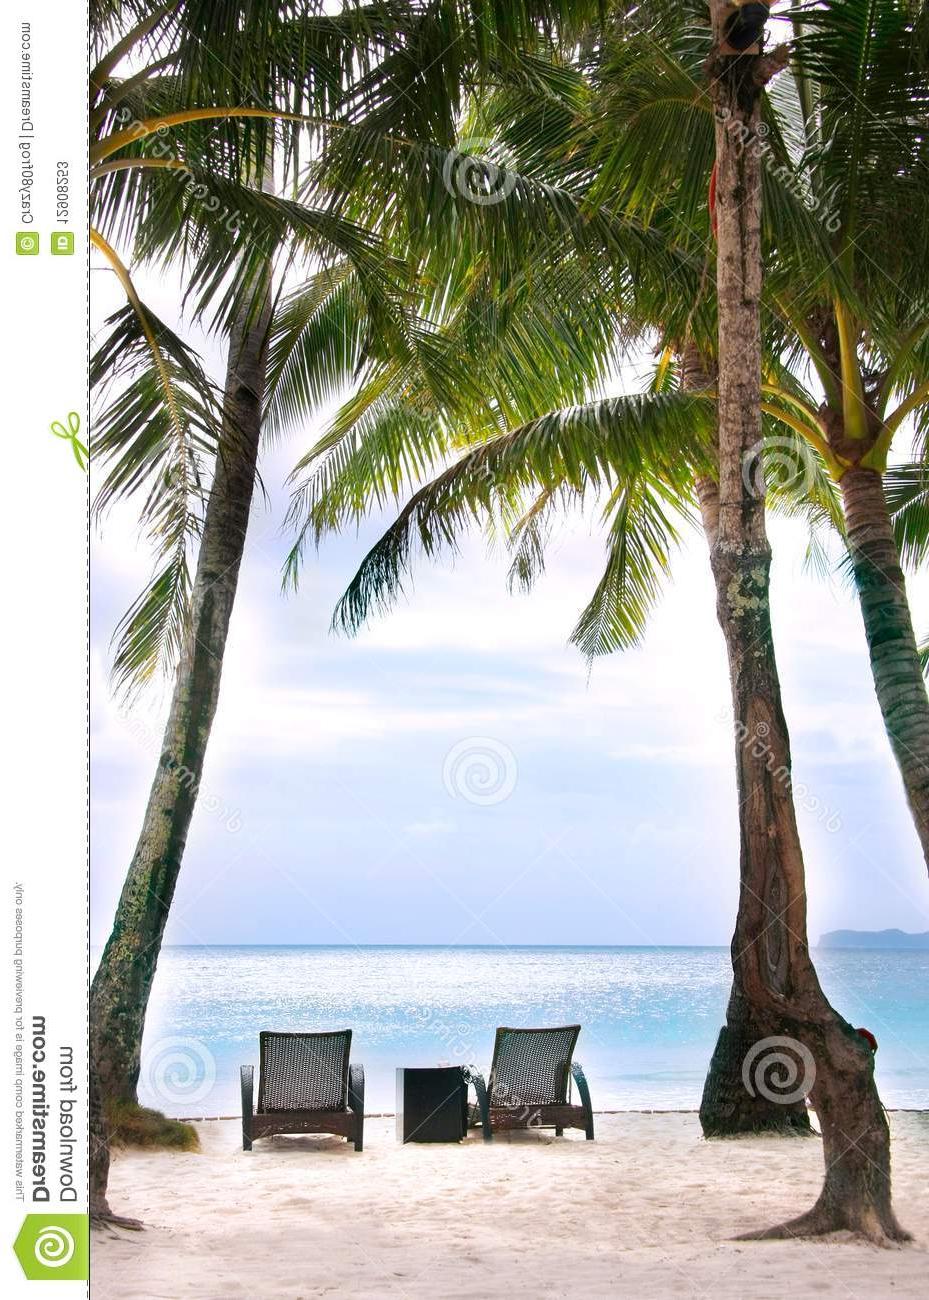 Sillas Las Palmas E9dx Sillas Y Palmas En La Playa Imagen De Archivo Imagen De Azul